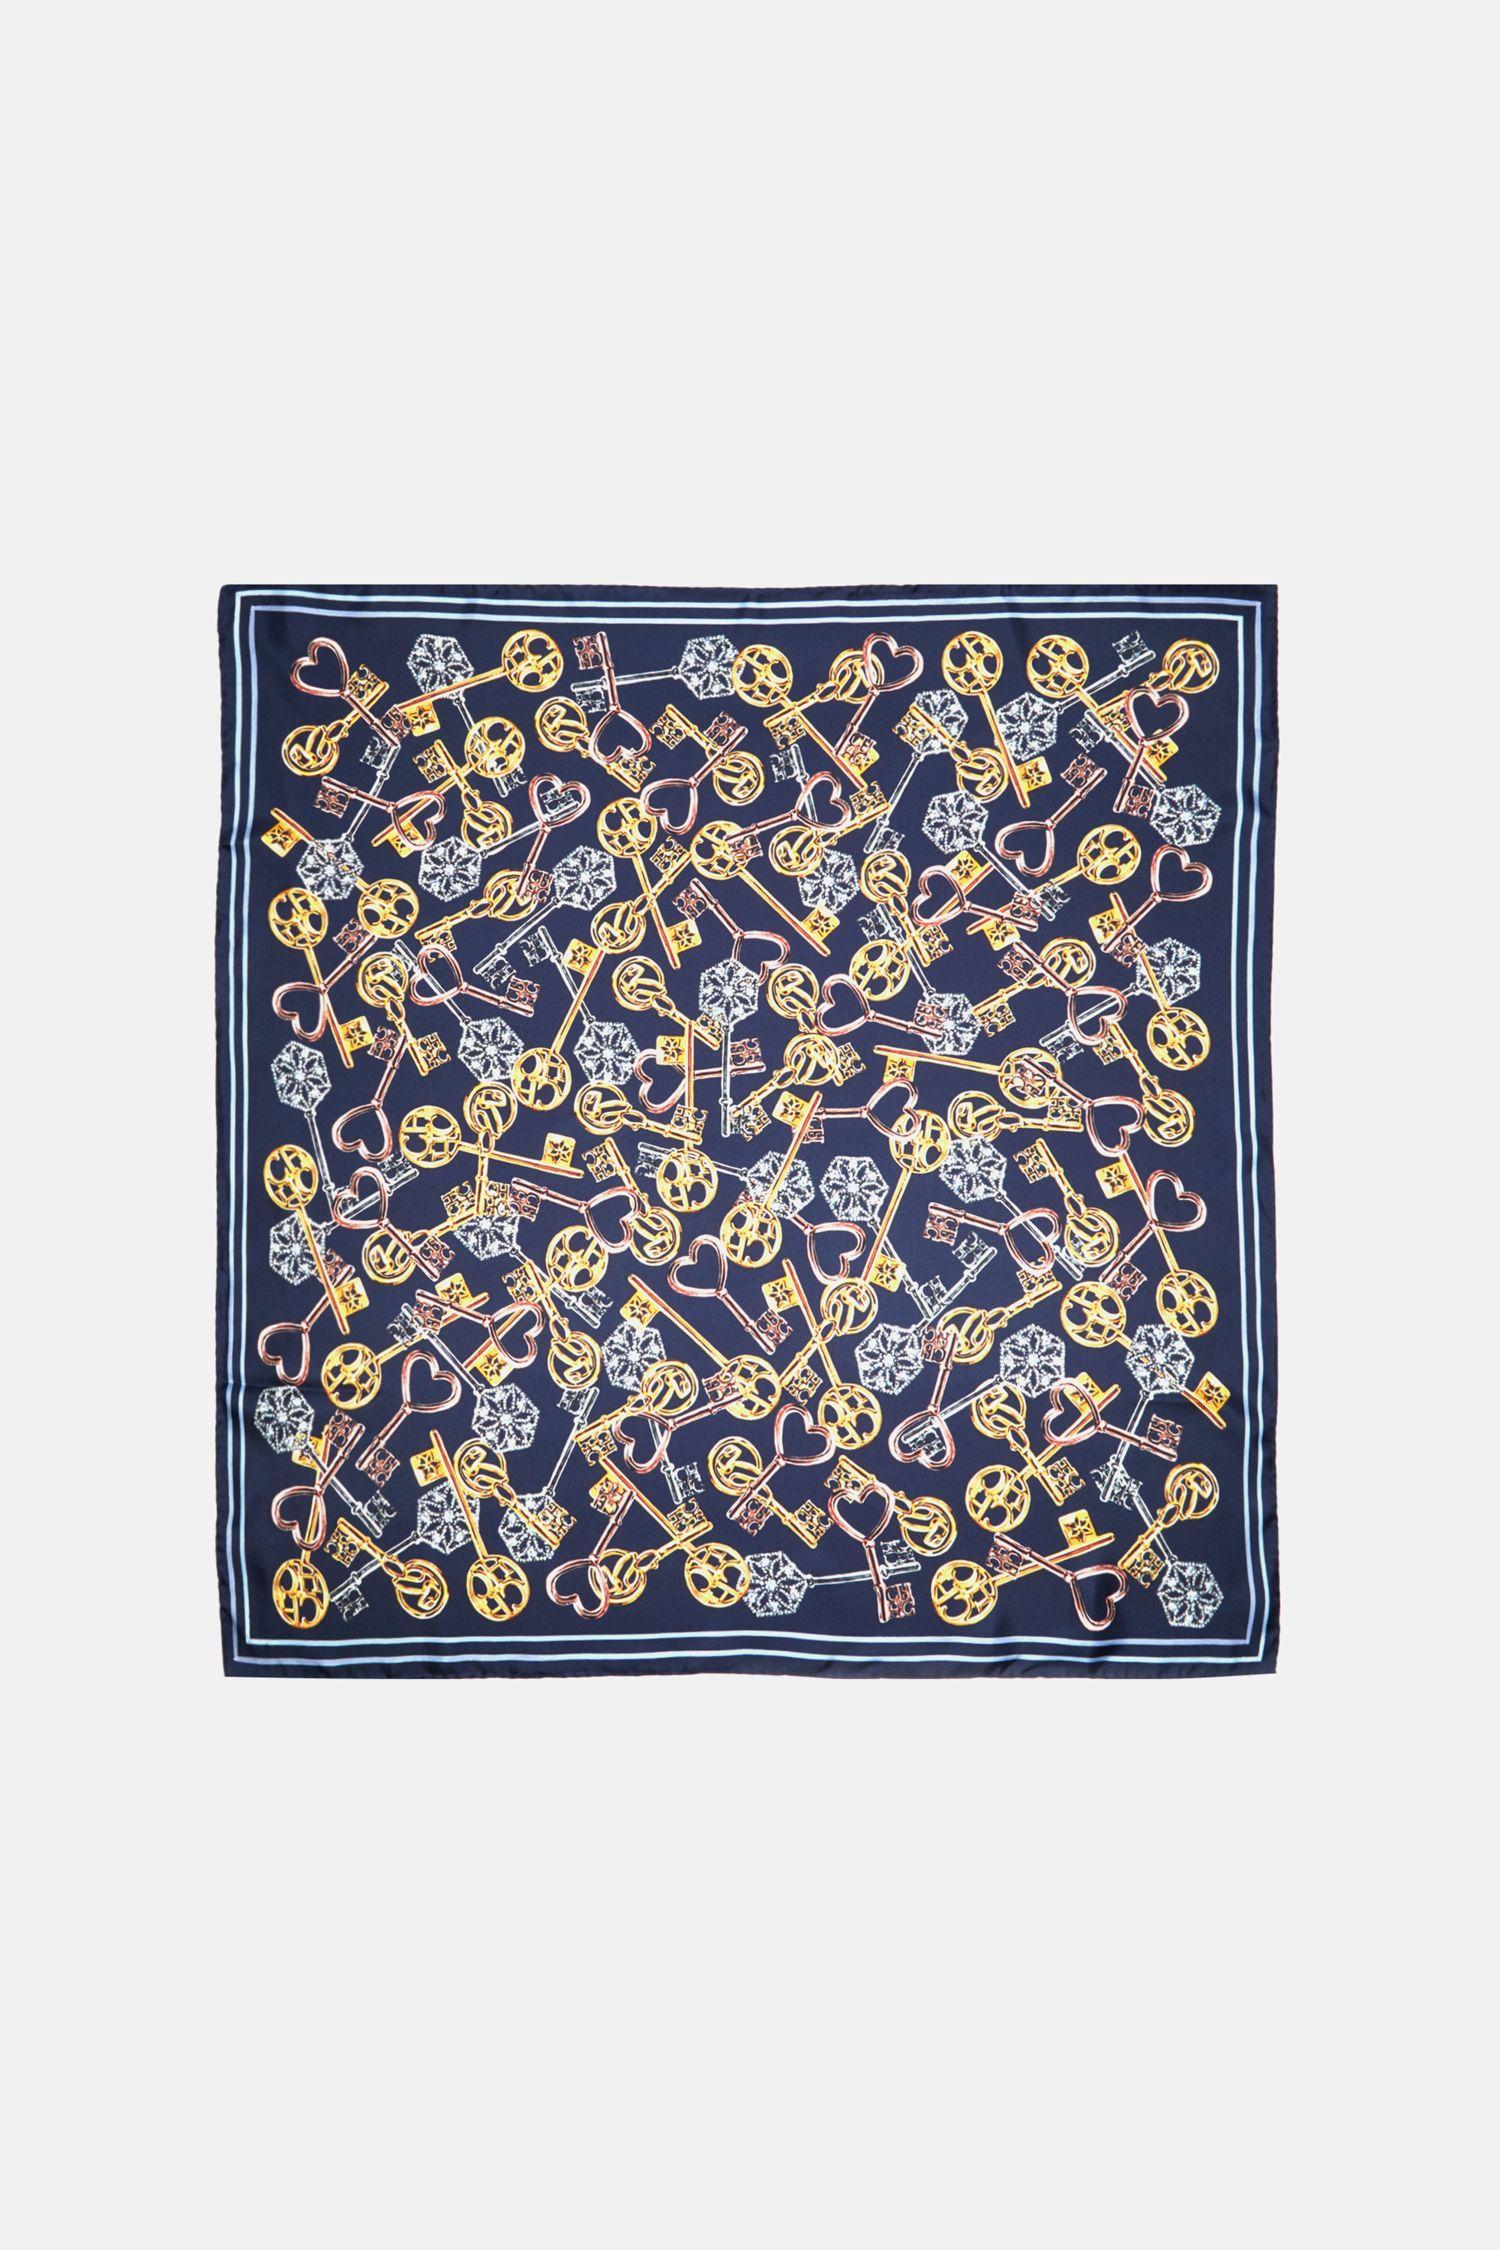 Las Llaves silk scarf